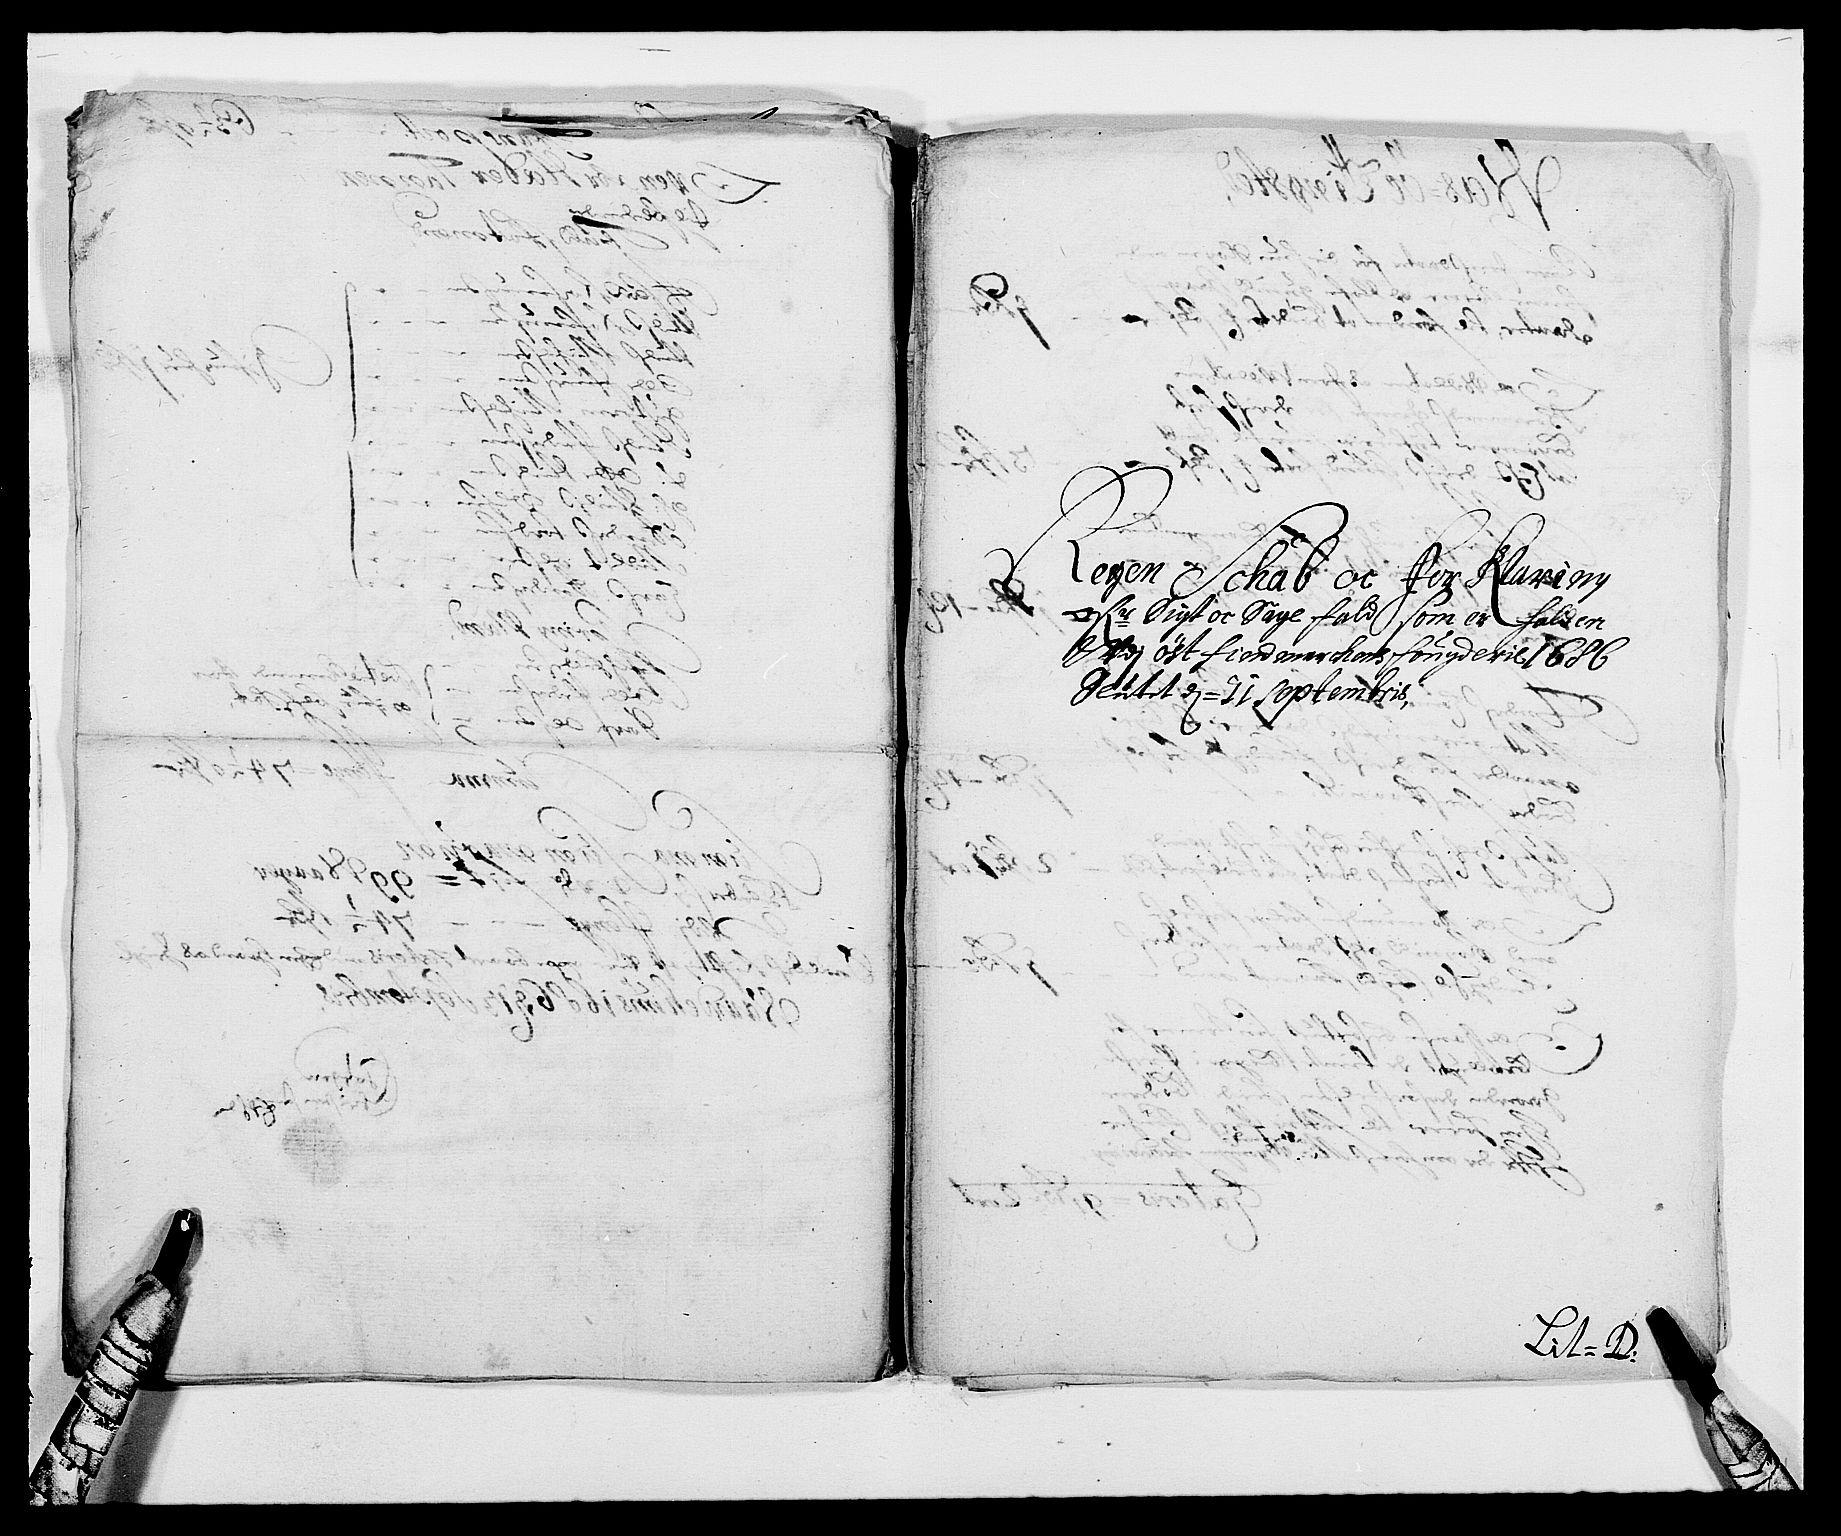 RA, Rentekammeret inntil 1814, Reviderte regnskaper, Fogderegnskap, R69/L4850: Fogderegnskap Finnmark/Vardøhus, 1680-1690, s. 57